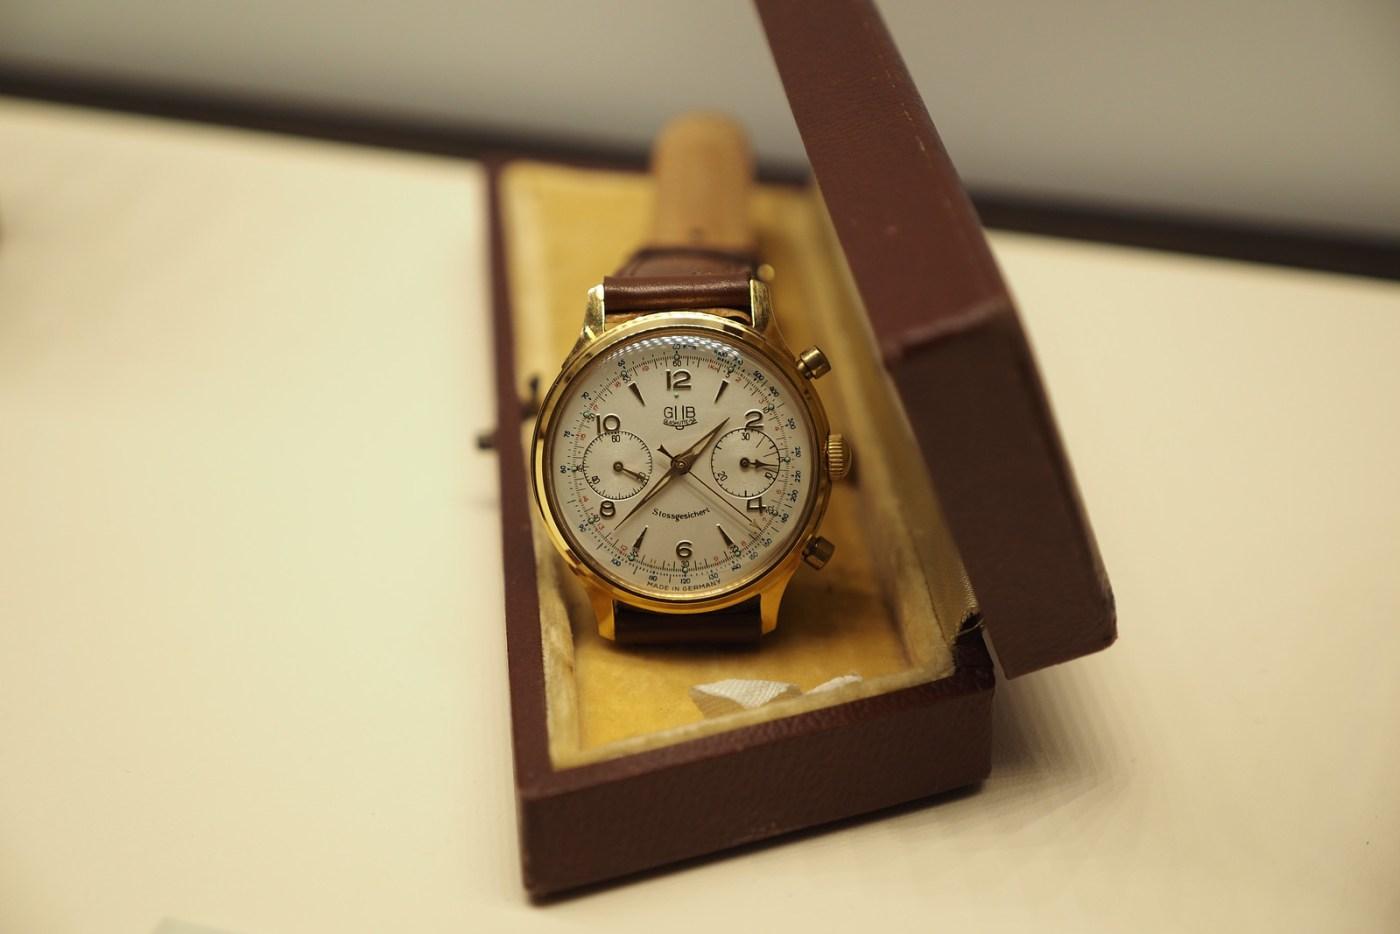 GUB vintage watch